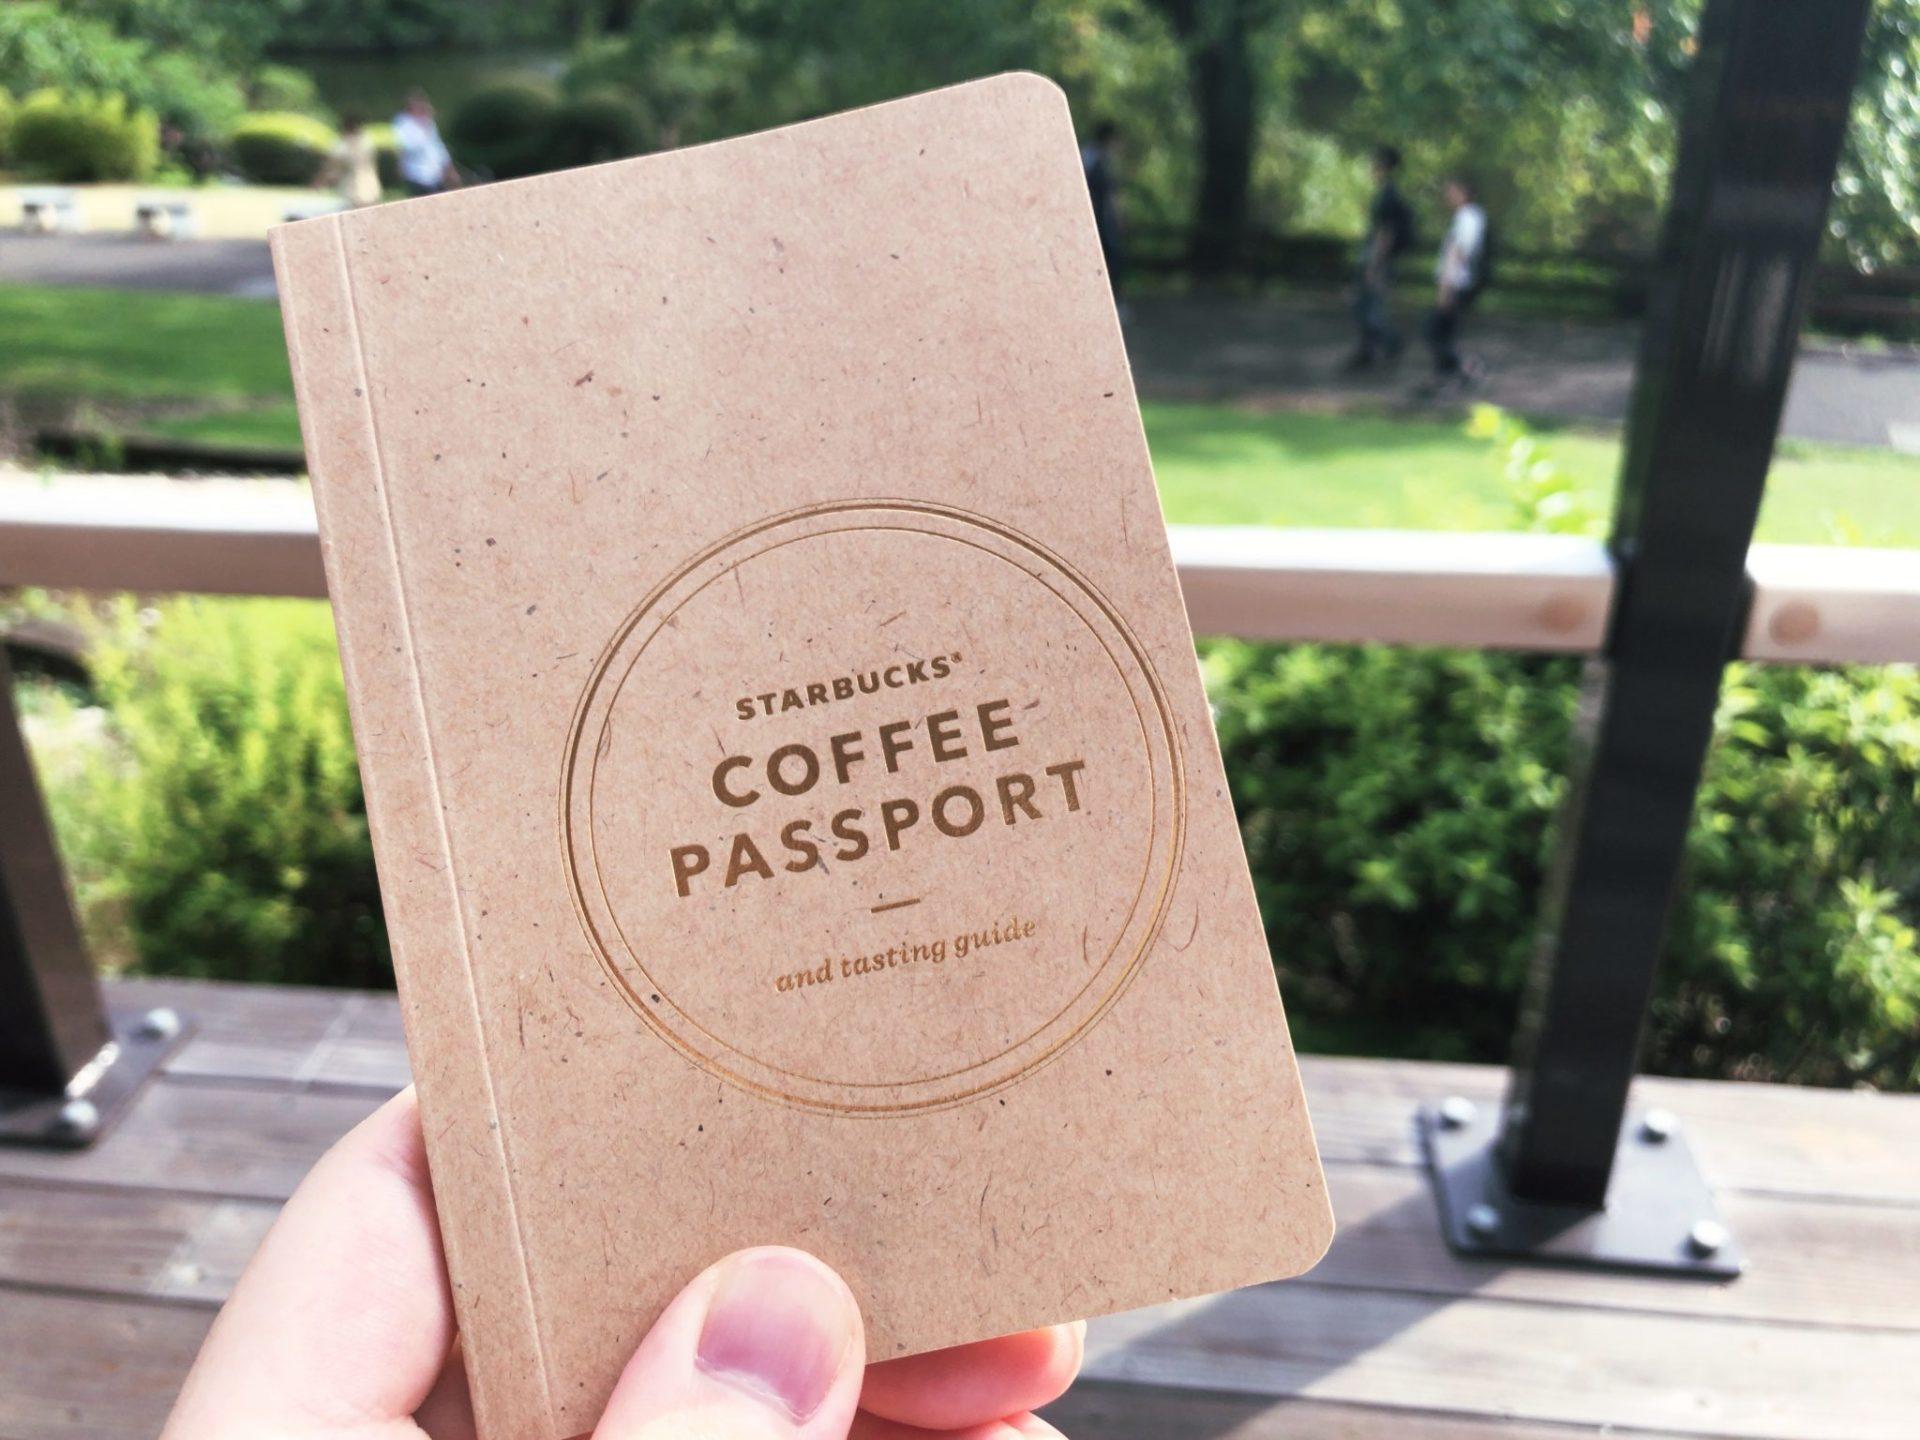 スタバ 新宿御苑店のコーヒーパスポート